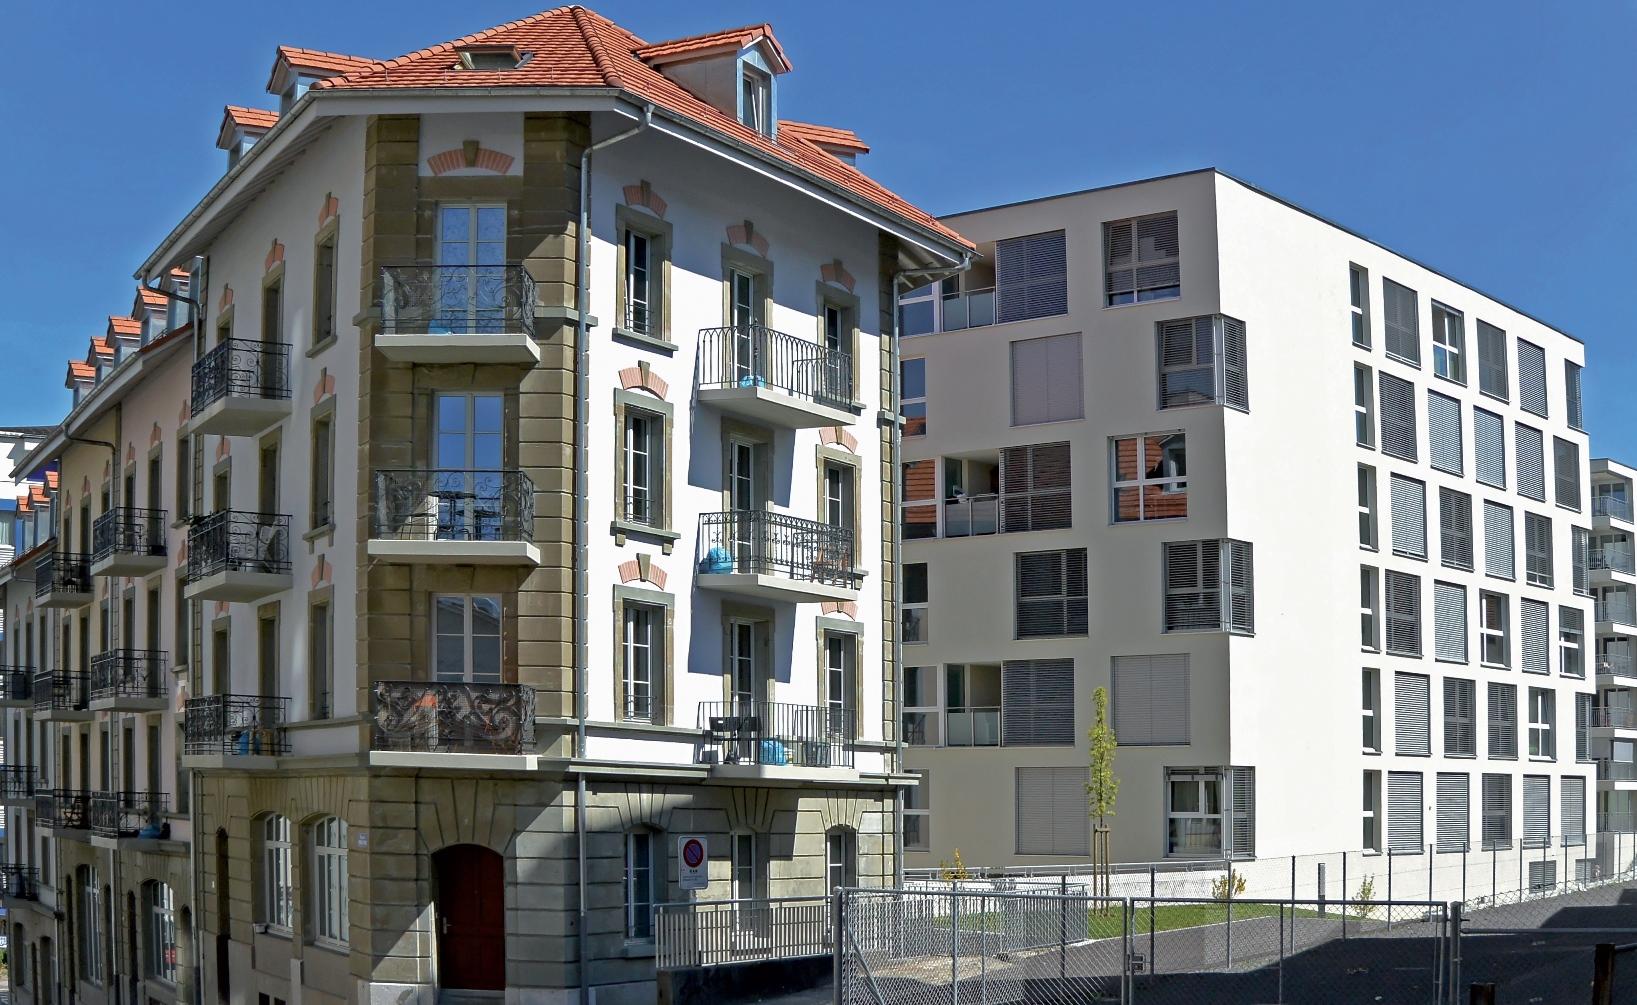 Wohnungsamt | Offizielle Website des Staates Freiburg